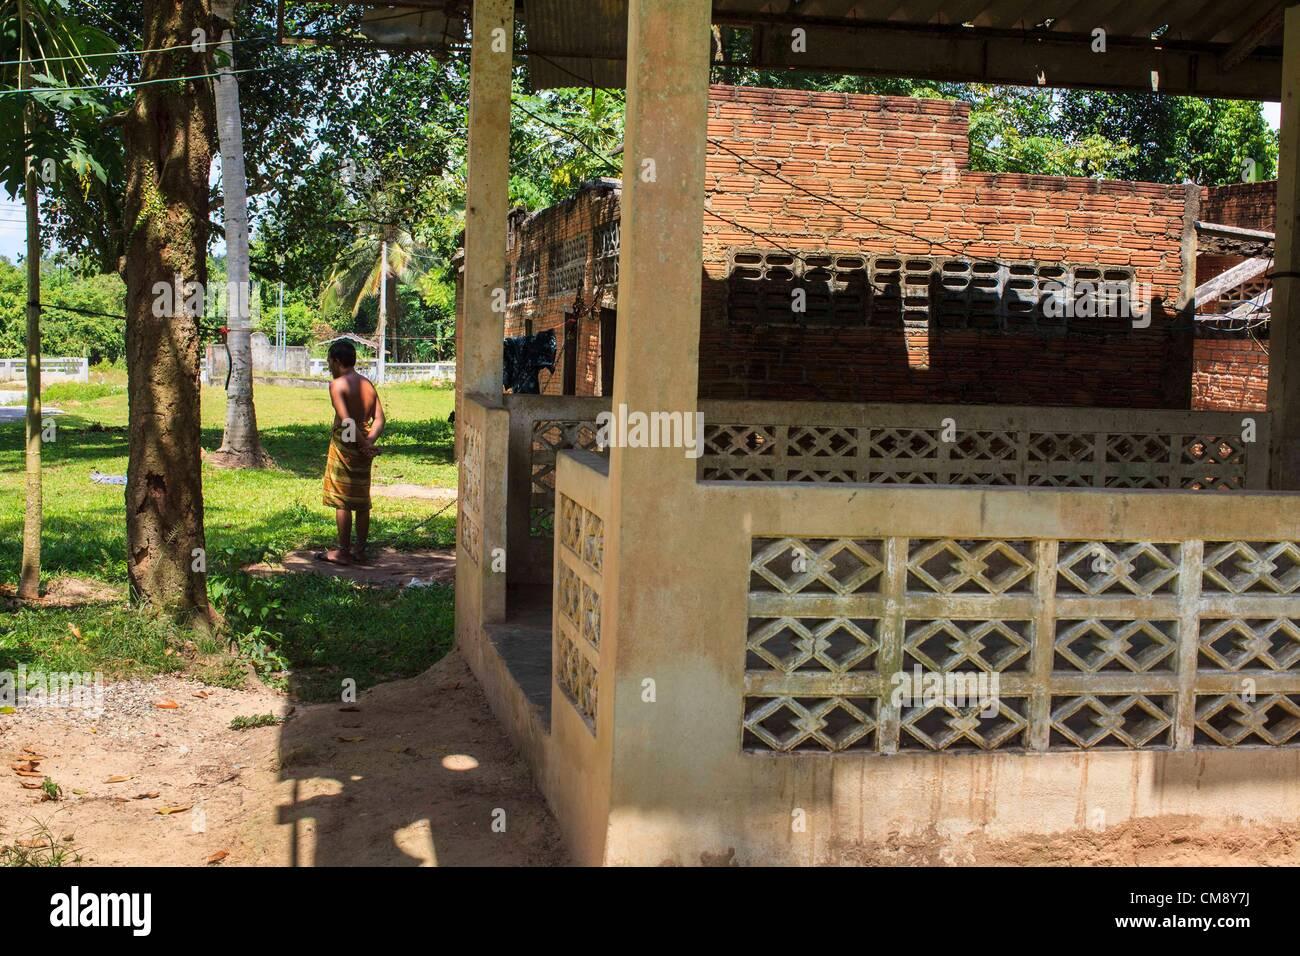 Ottobre 29, 2012 - Mayo, Pattani, Tailandia - un residente si erge al di fuori della sua stanza a Bukit Kong home Immagini Stock